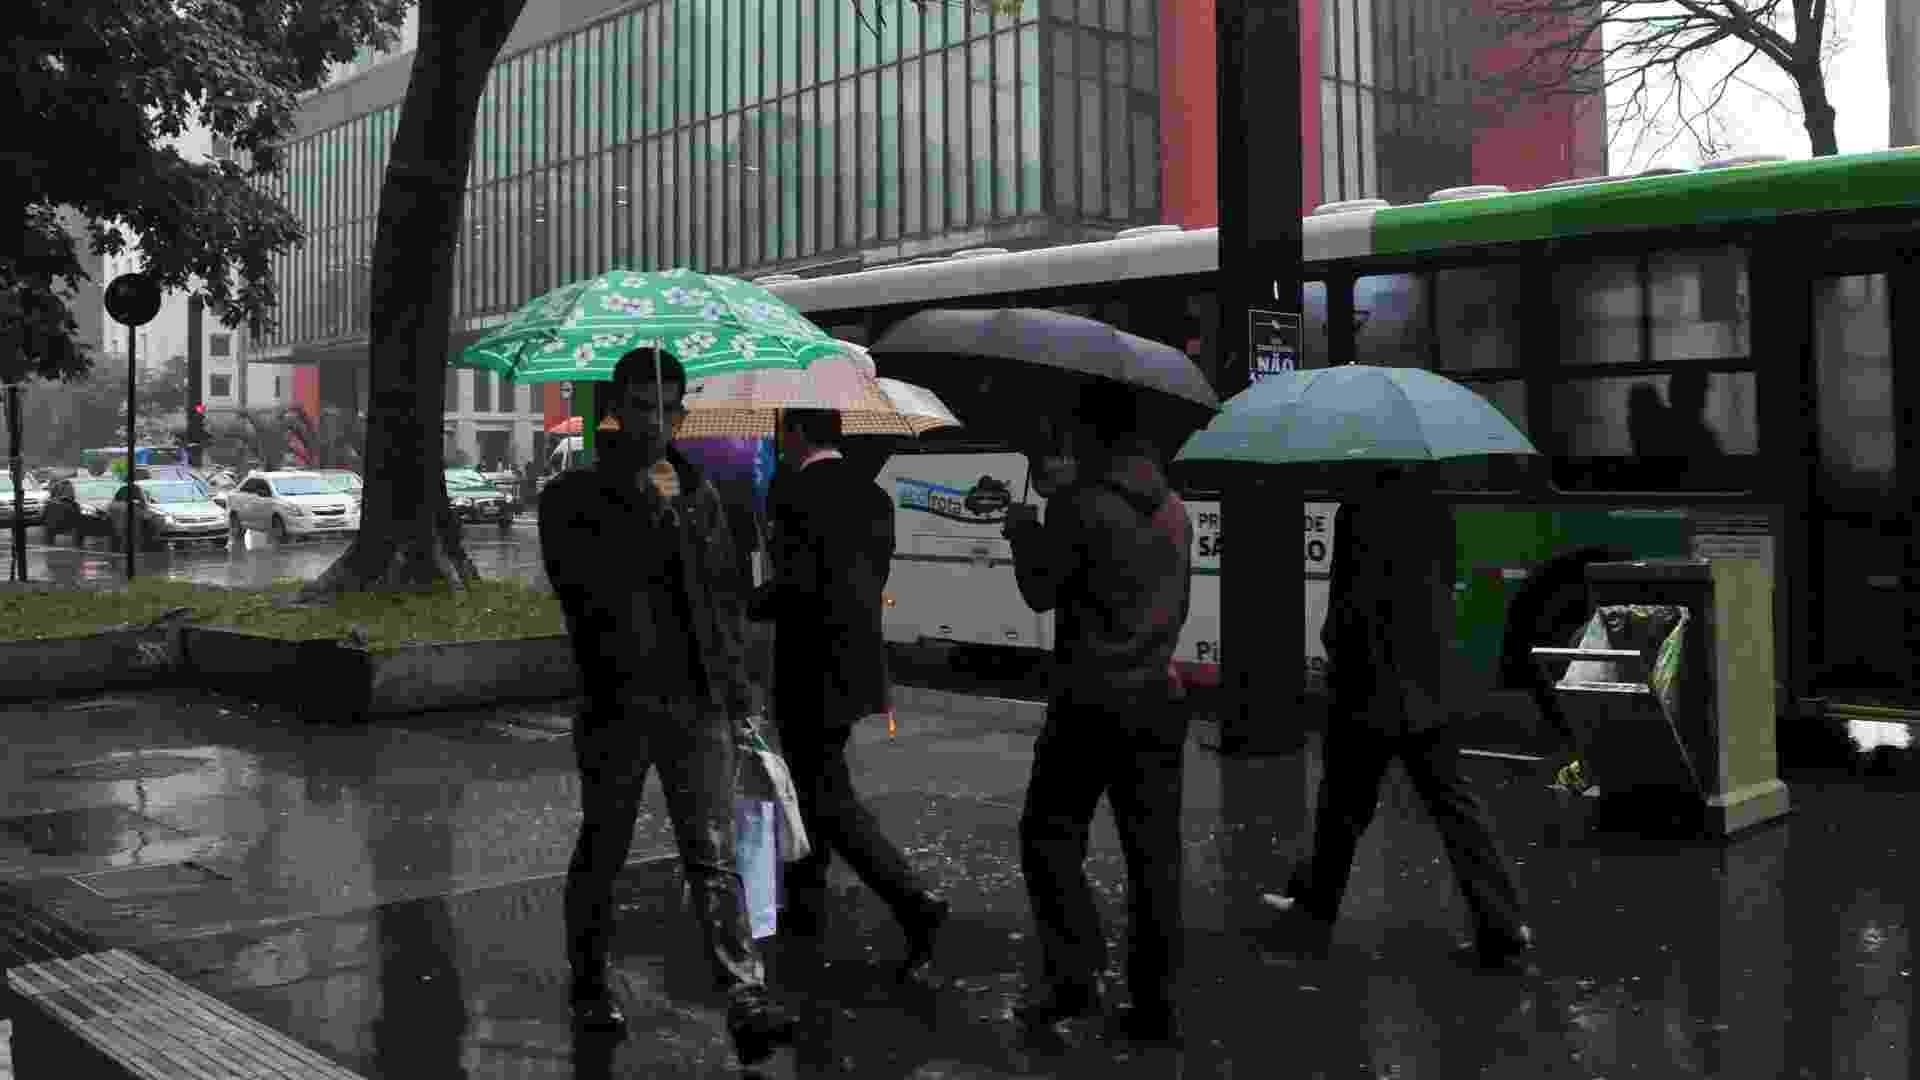 24.jun.2013 - Pedestre enfrenta chuva e frio na região da avenida Paulista em São Paulo, na tarde desta segunda-feira (24) - J. Duran Machfee/Futura Press